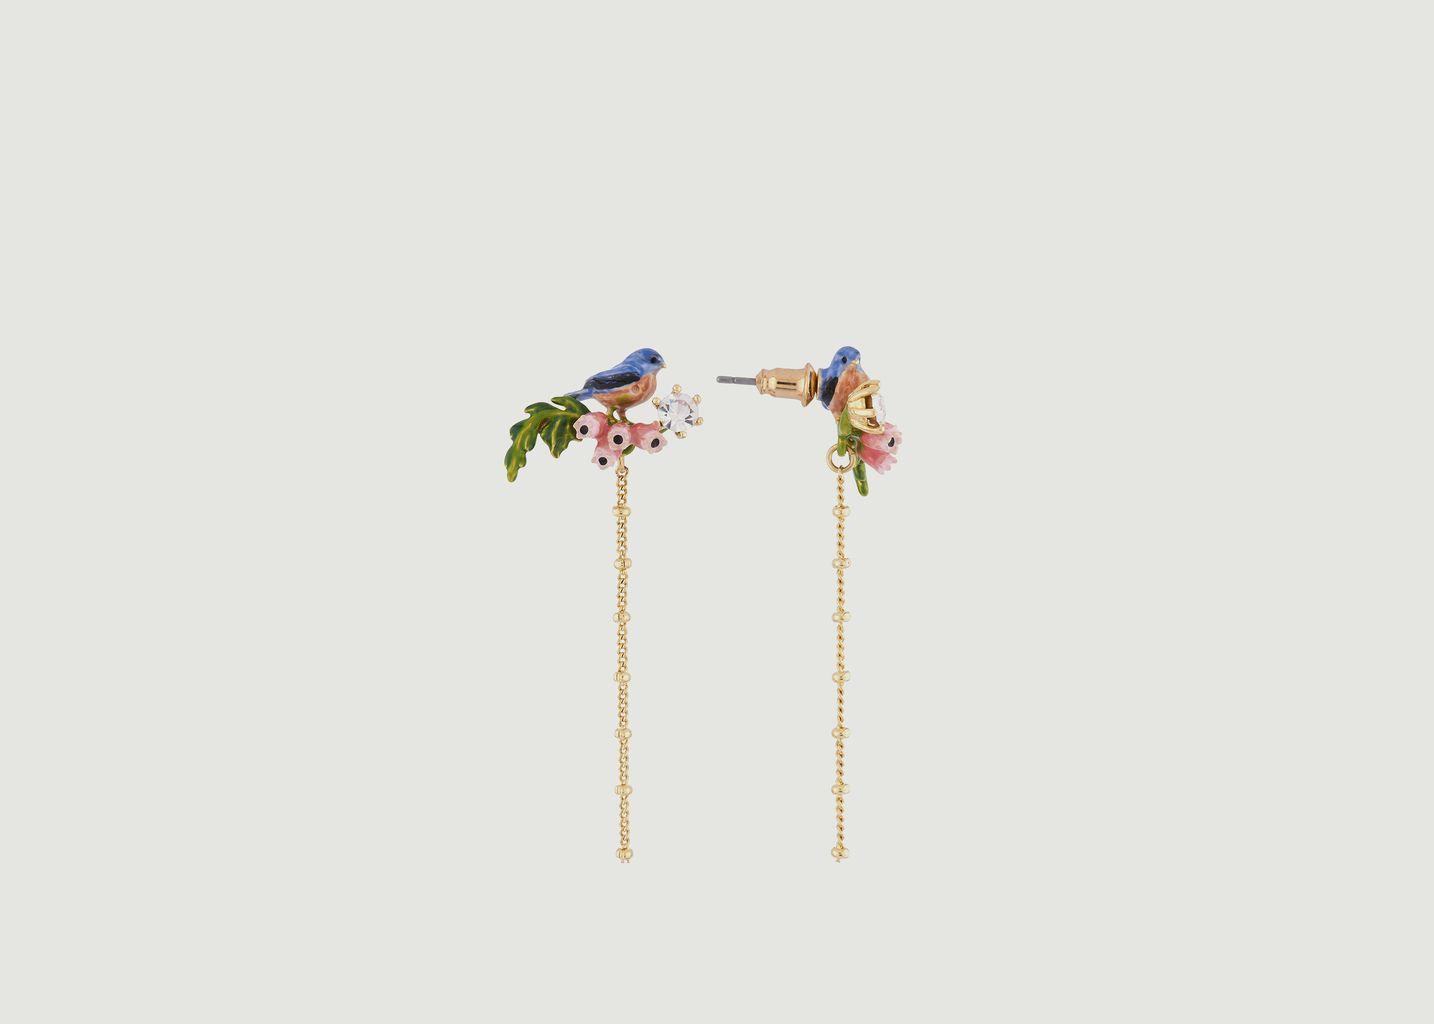 Boucles d'Oreilles Mésange sur Branche en Fleurs - Les Néréides